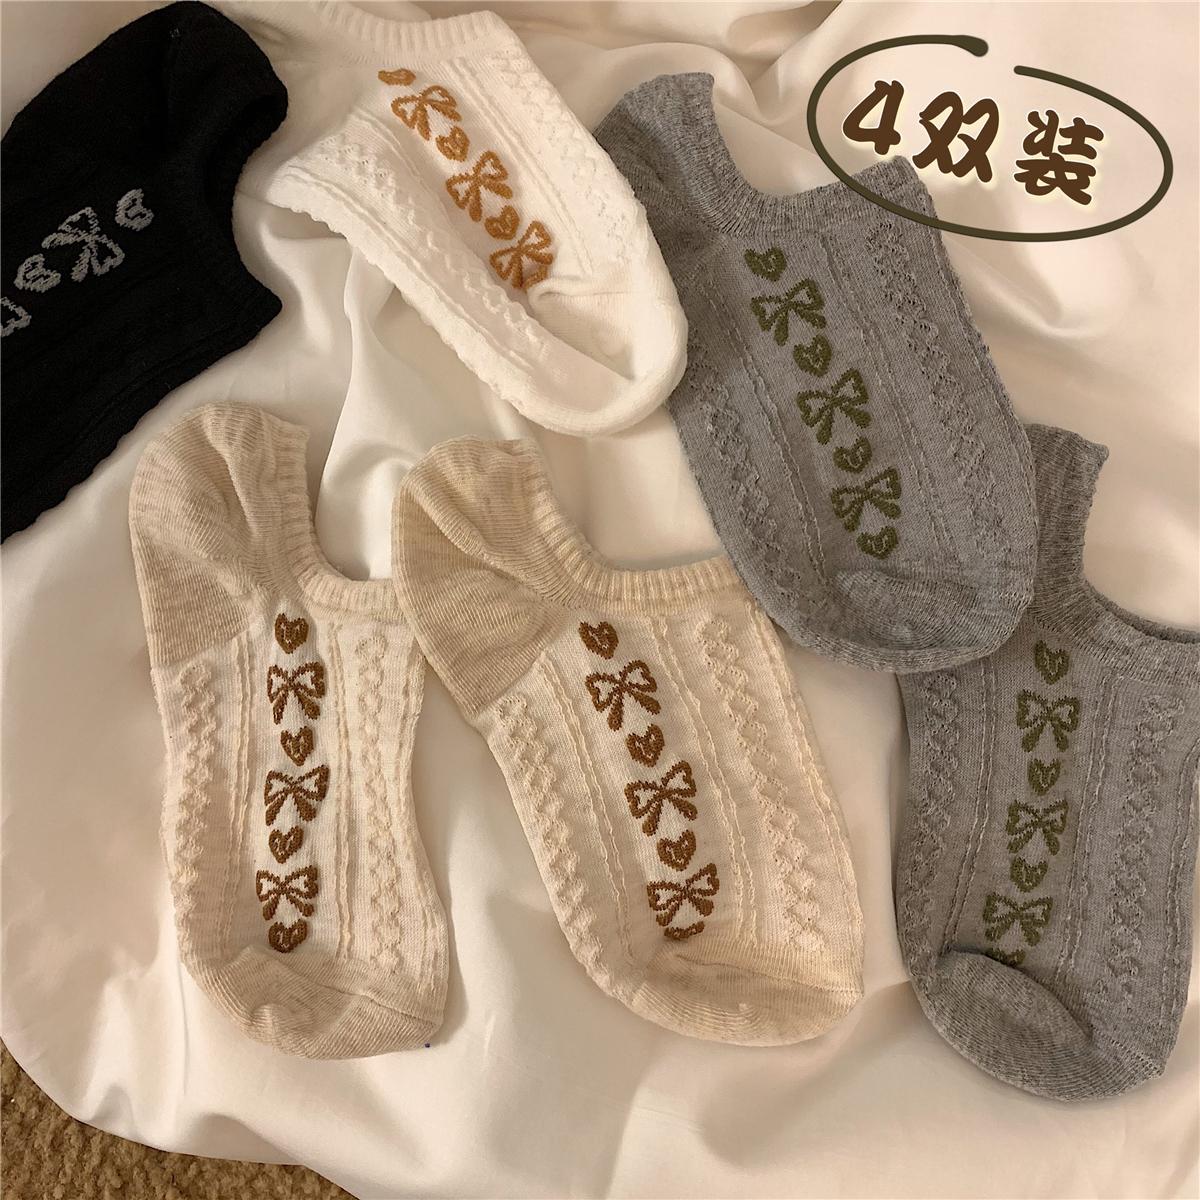 细细条 文艺复古袜子女夏ins潮可爱硅胶防滑低帮浅口隐形短袜船袜